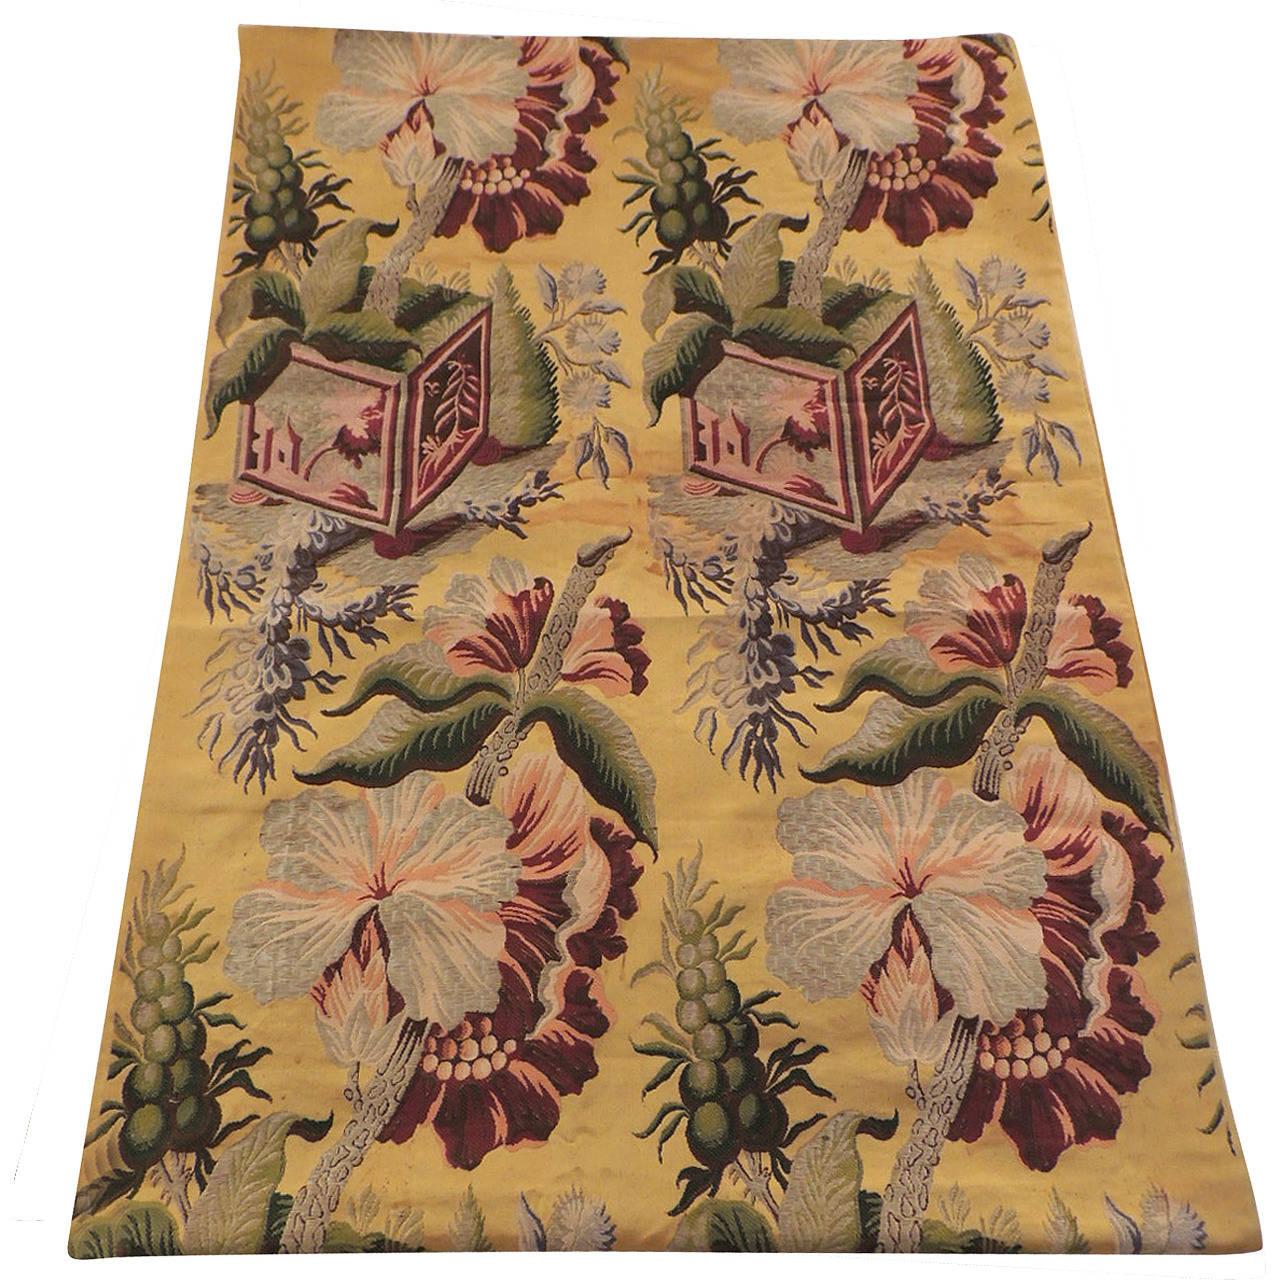 Silk Floral Antique Textile Panel